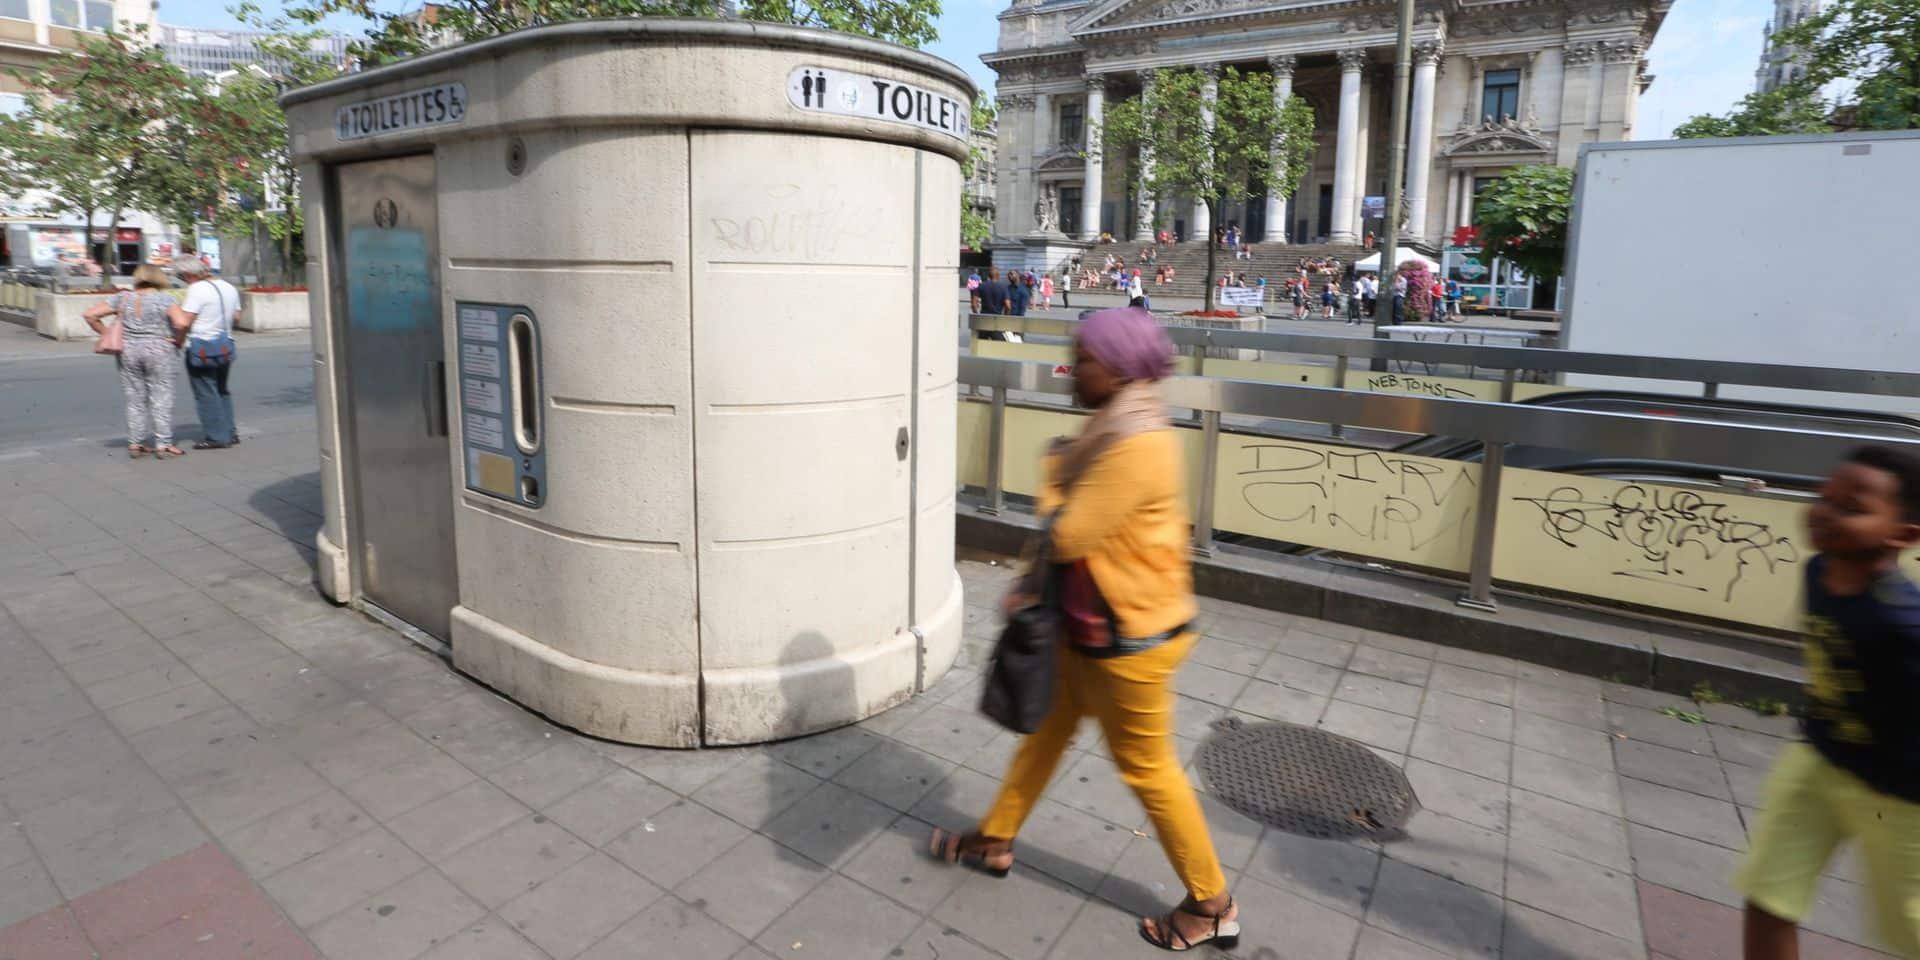 Neuf toilettes publiques supplémentaires seront installées aux arrêts de bus et tram en 2021